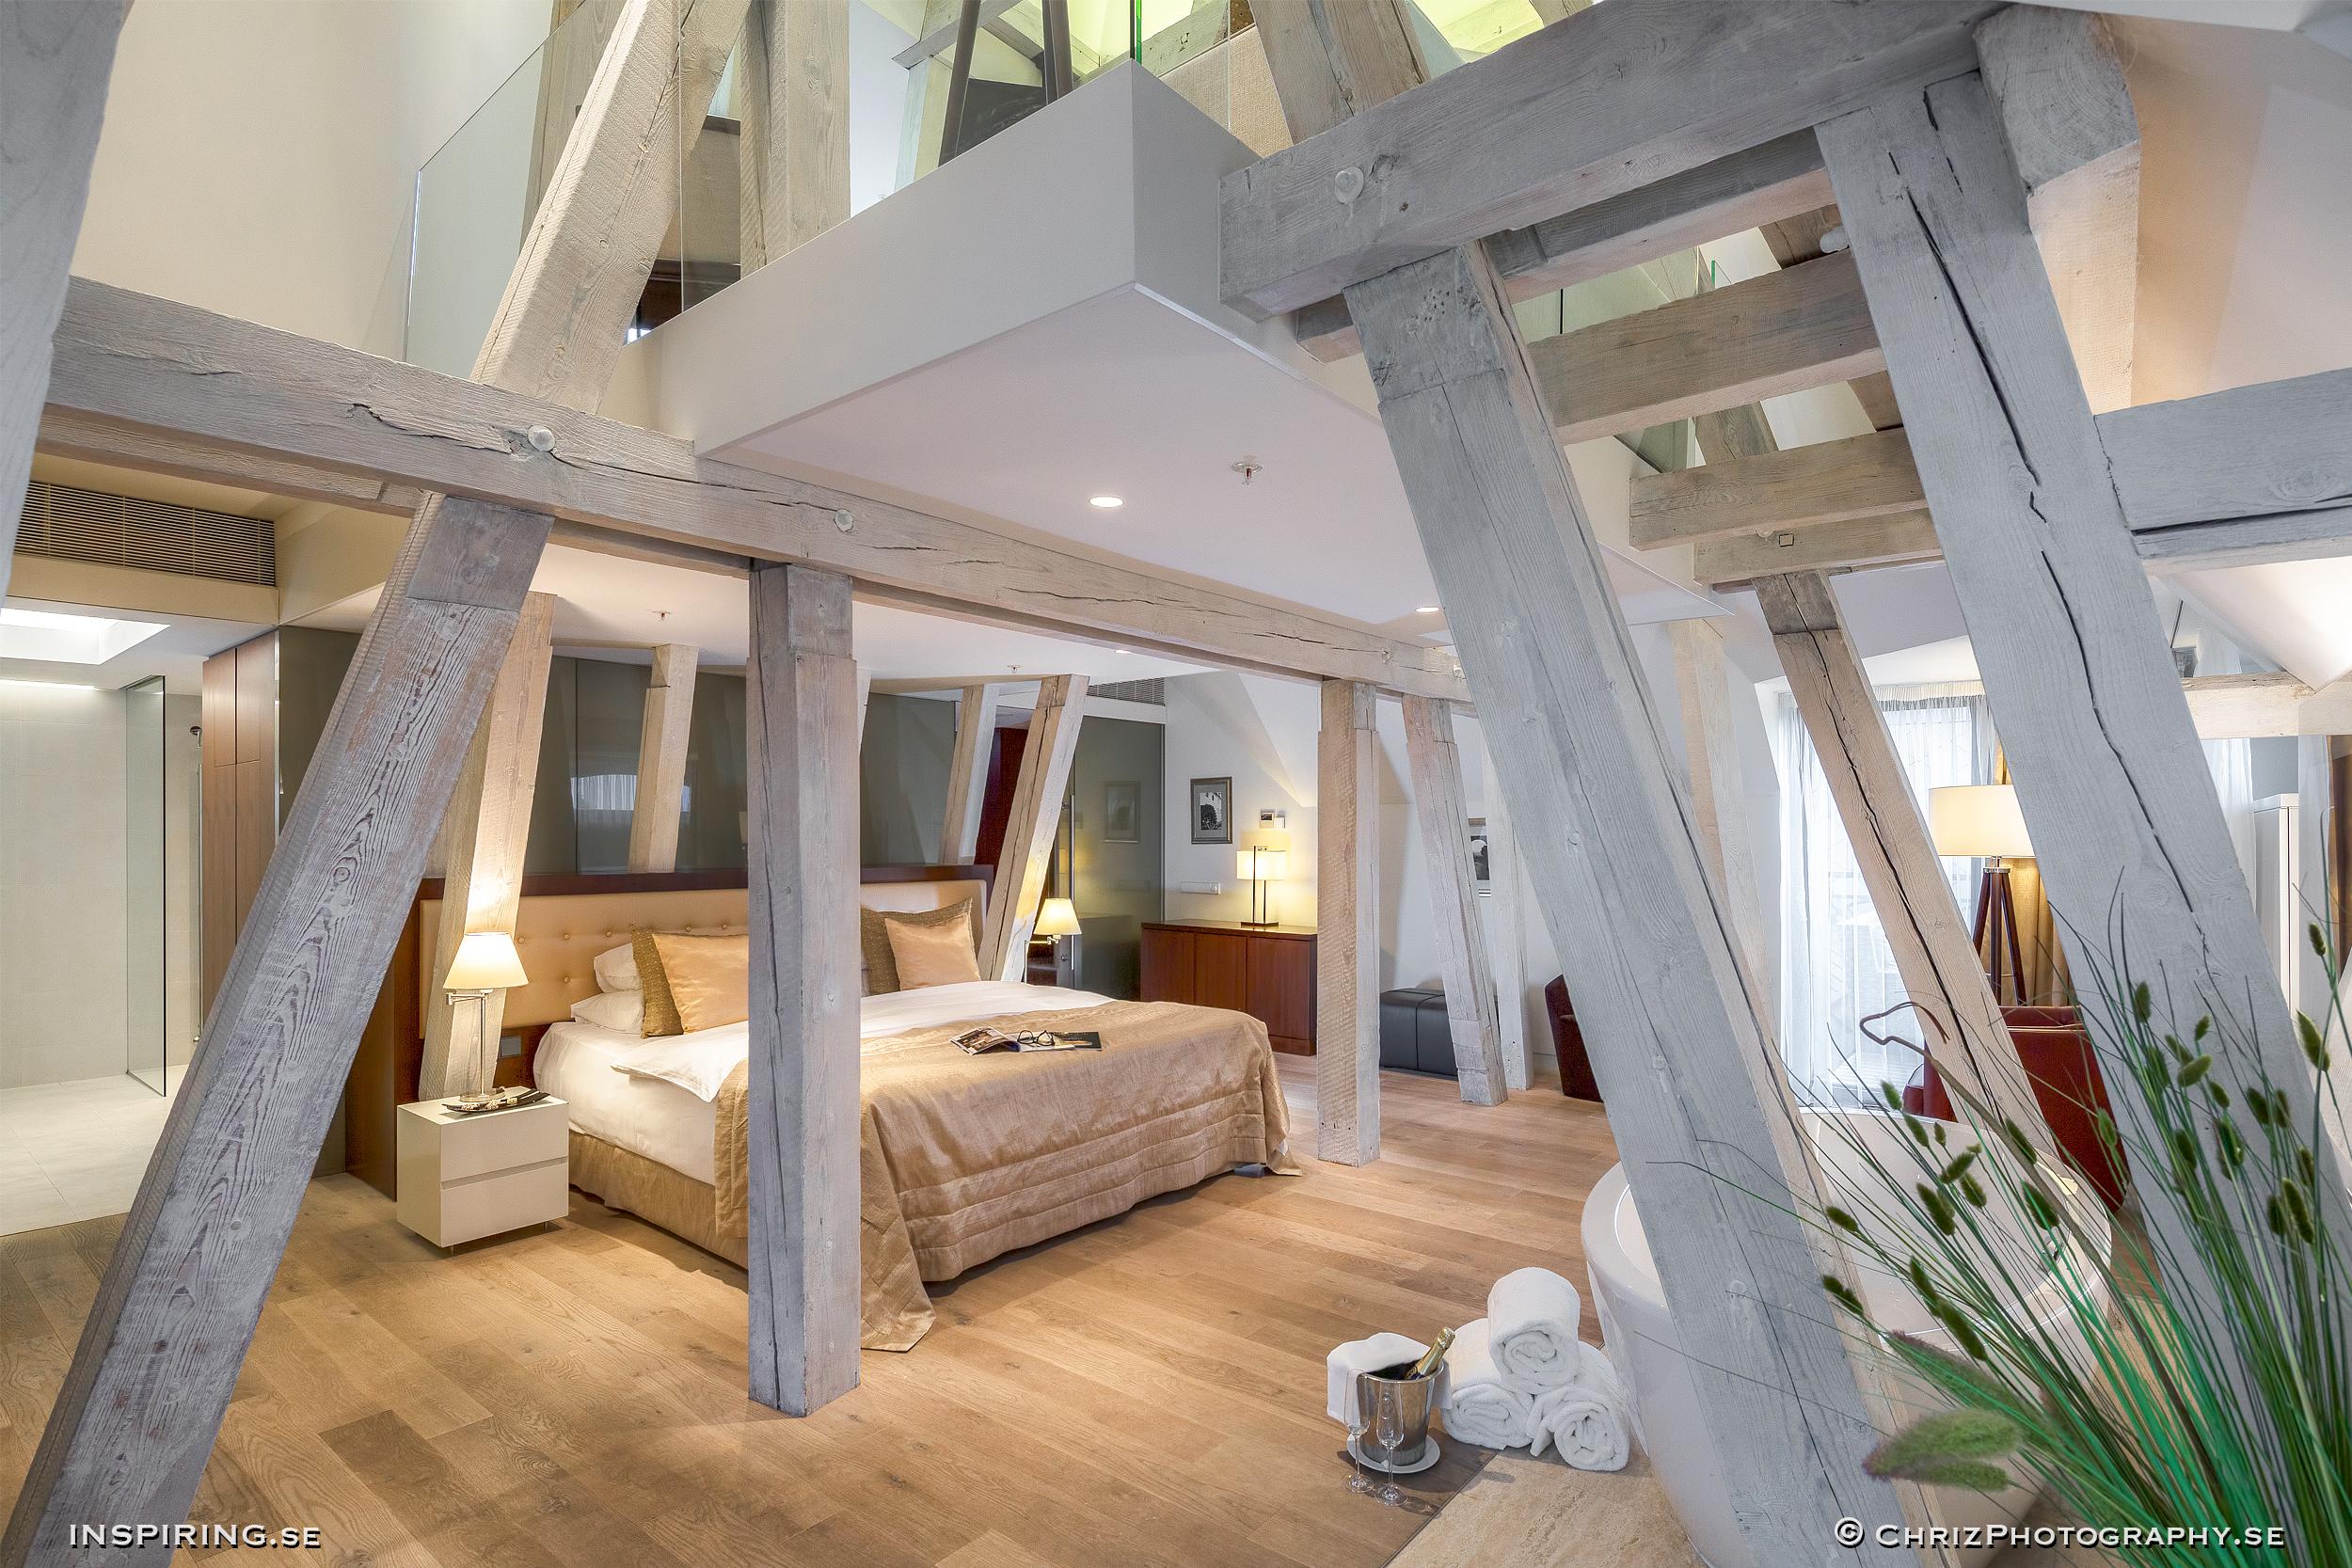 HotelKingsCourt_Inspiring.se_copyright_ChrizPhotography.se_2.jpg